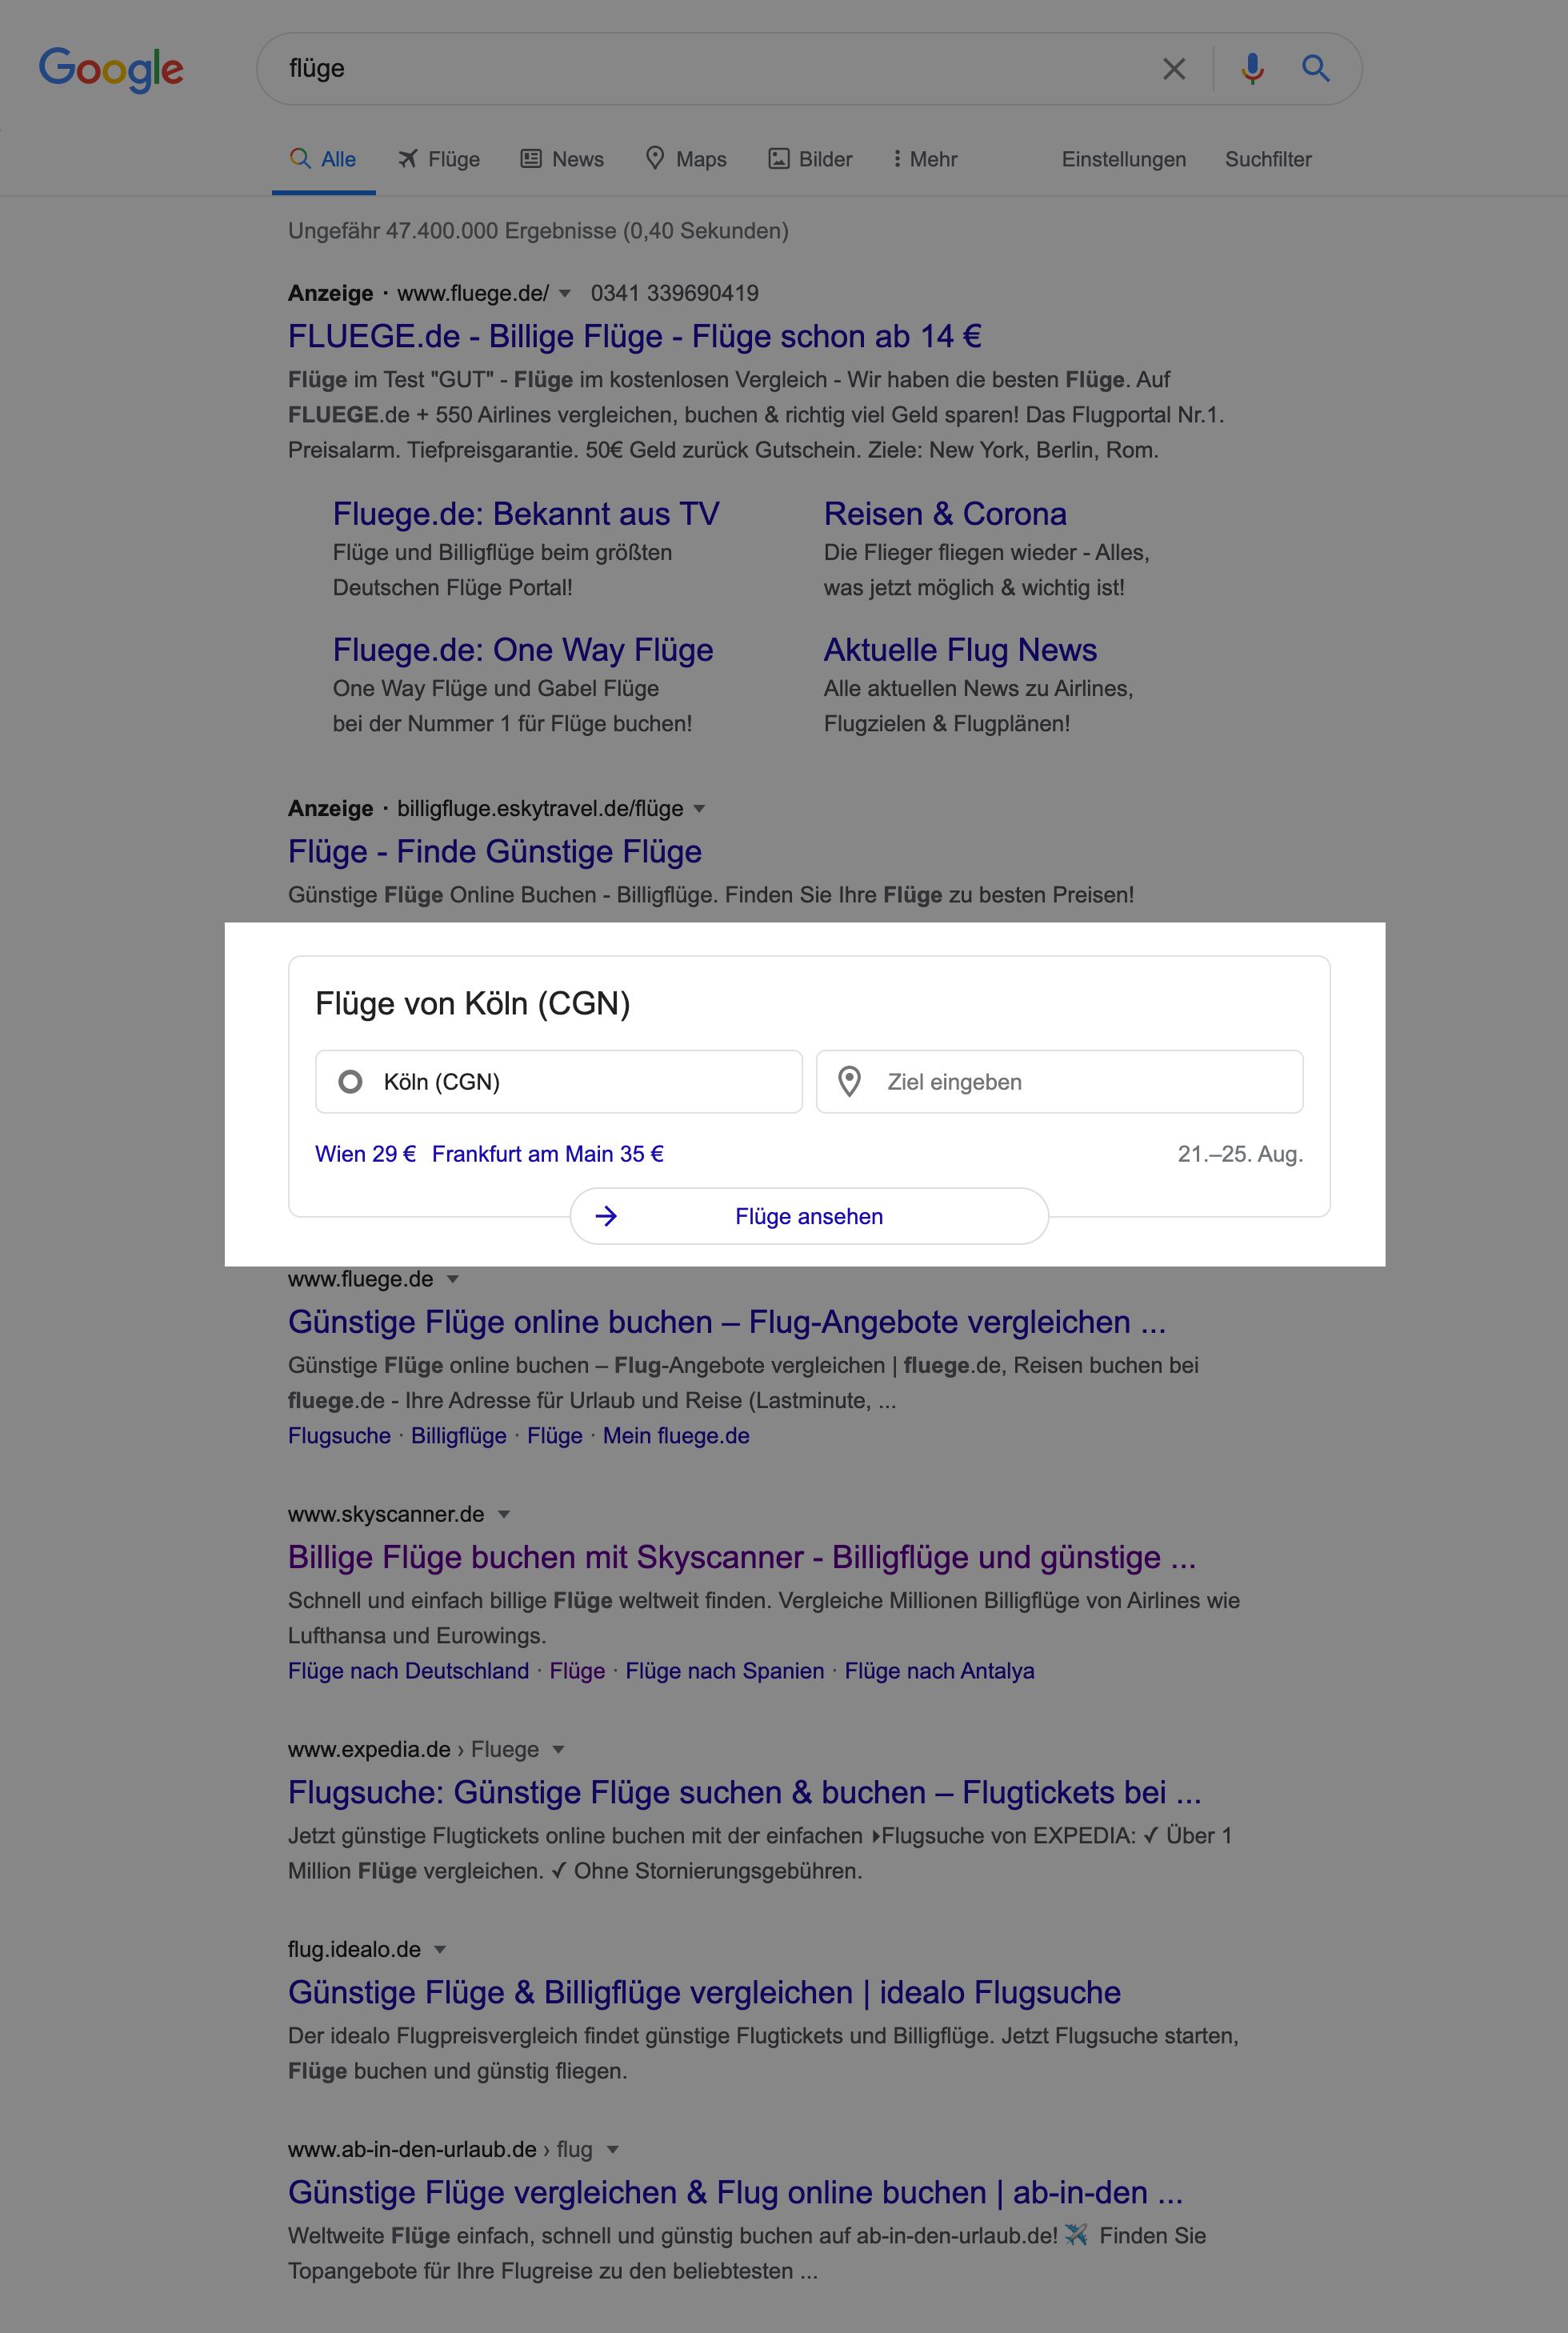 Zeigt die Google Flugsuche innerhalb der Google Suchergebnisse an.